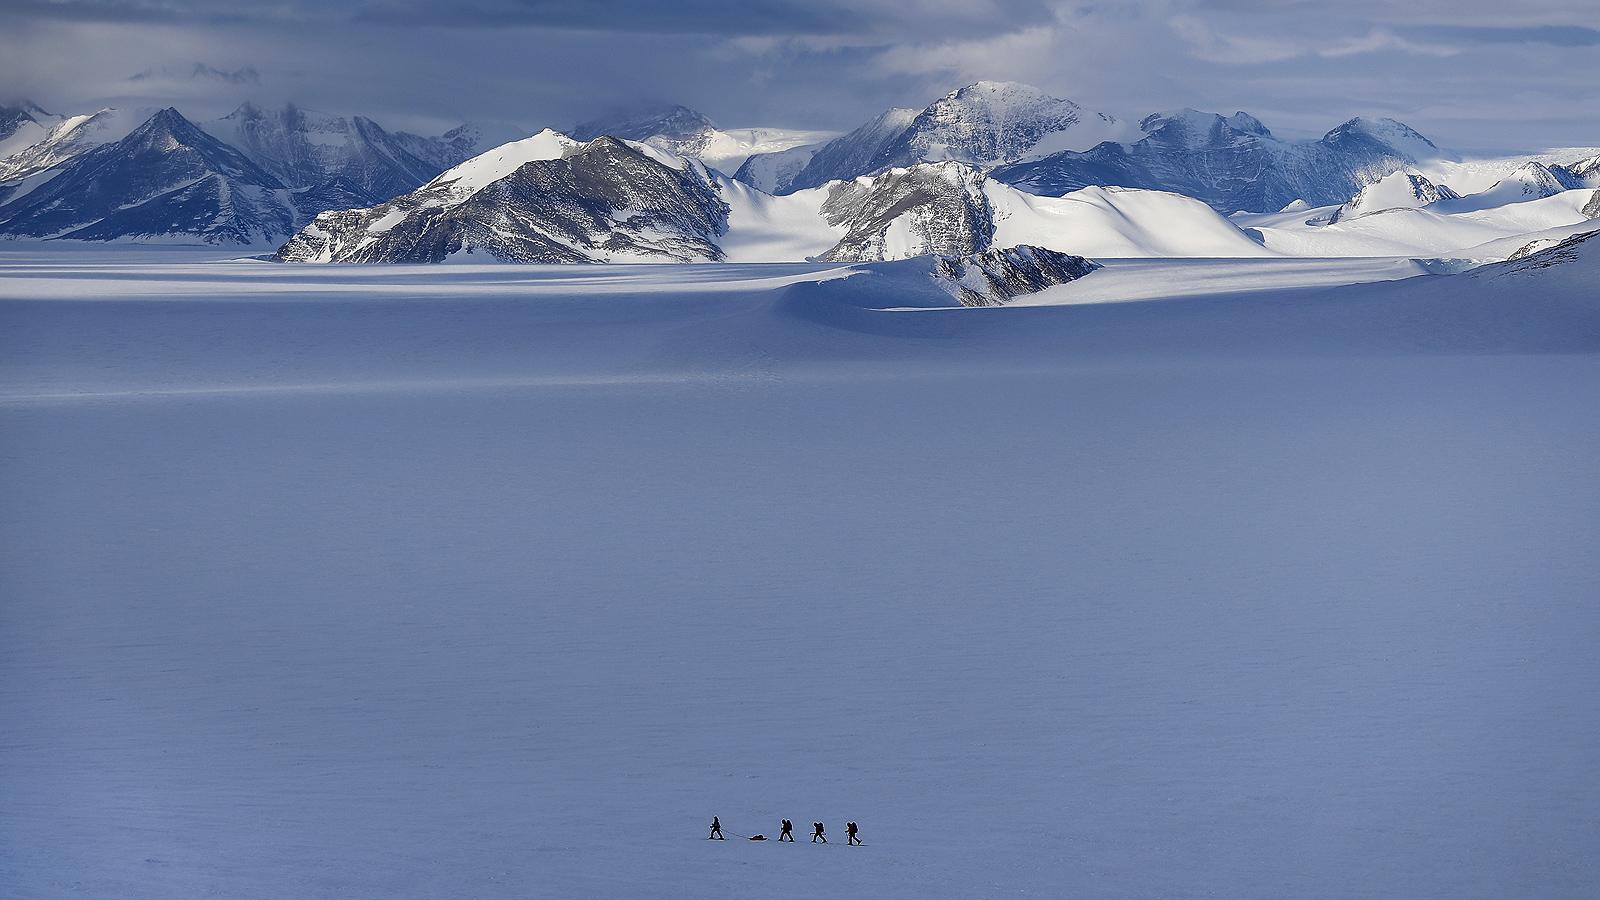 Чилийският антарктически институт (INACH), който управлява и координира научните дейности на Чилийската антарктическа територия, организира научна антарктическа експедиция, като дава възможност на изследователите да участват в поредица изследвания през лятото между октомври и март.